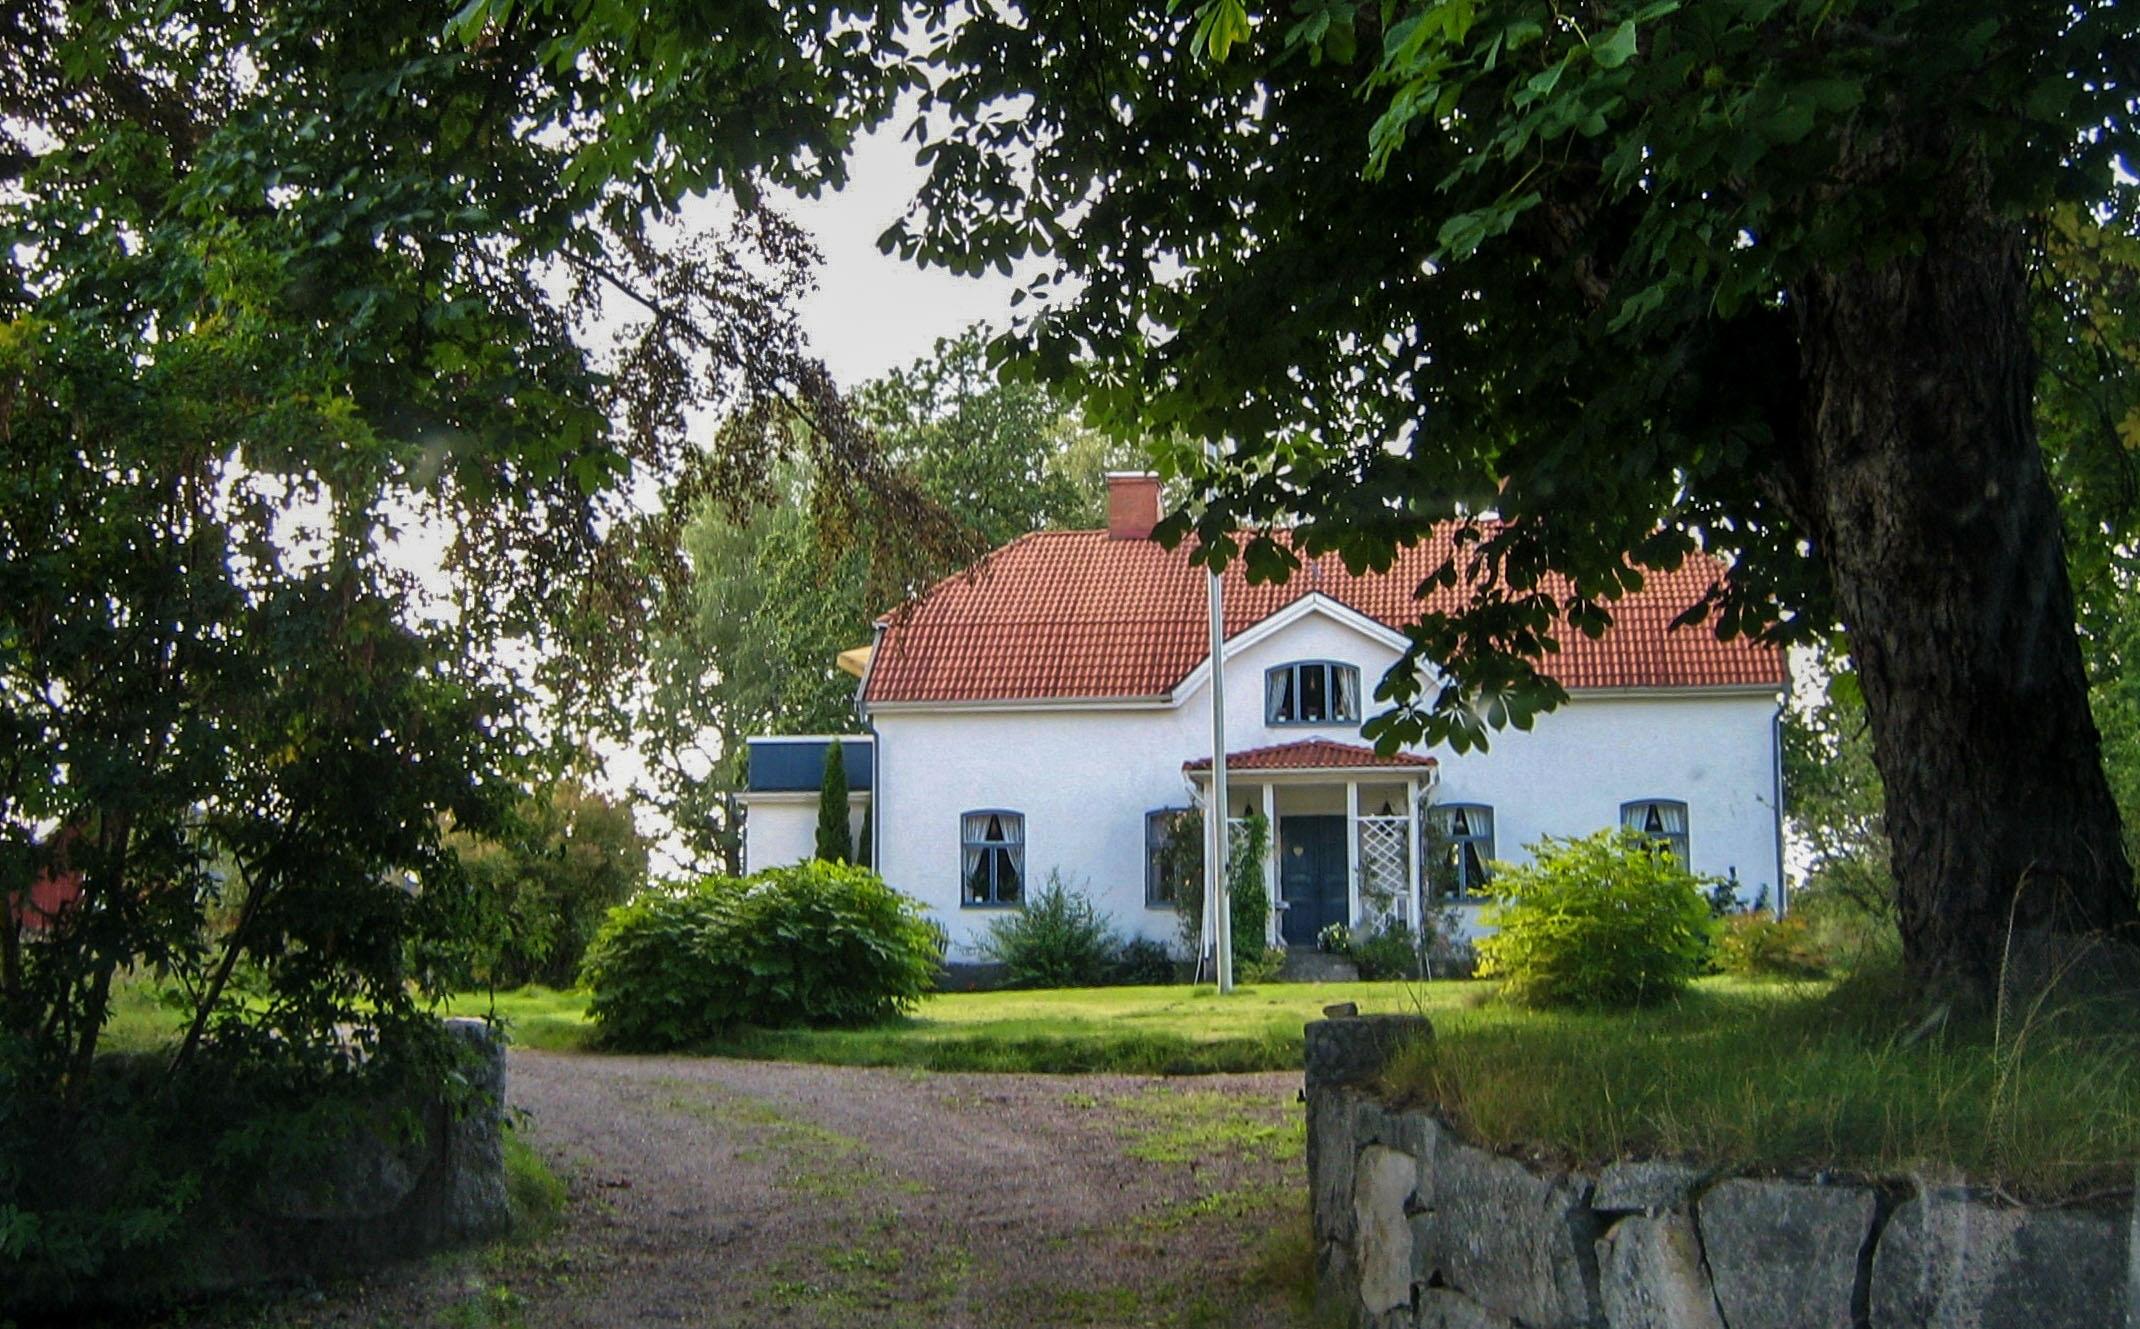 solberga dating site